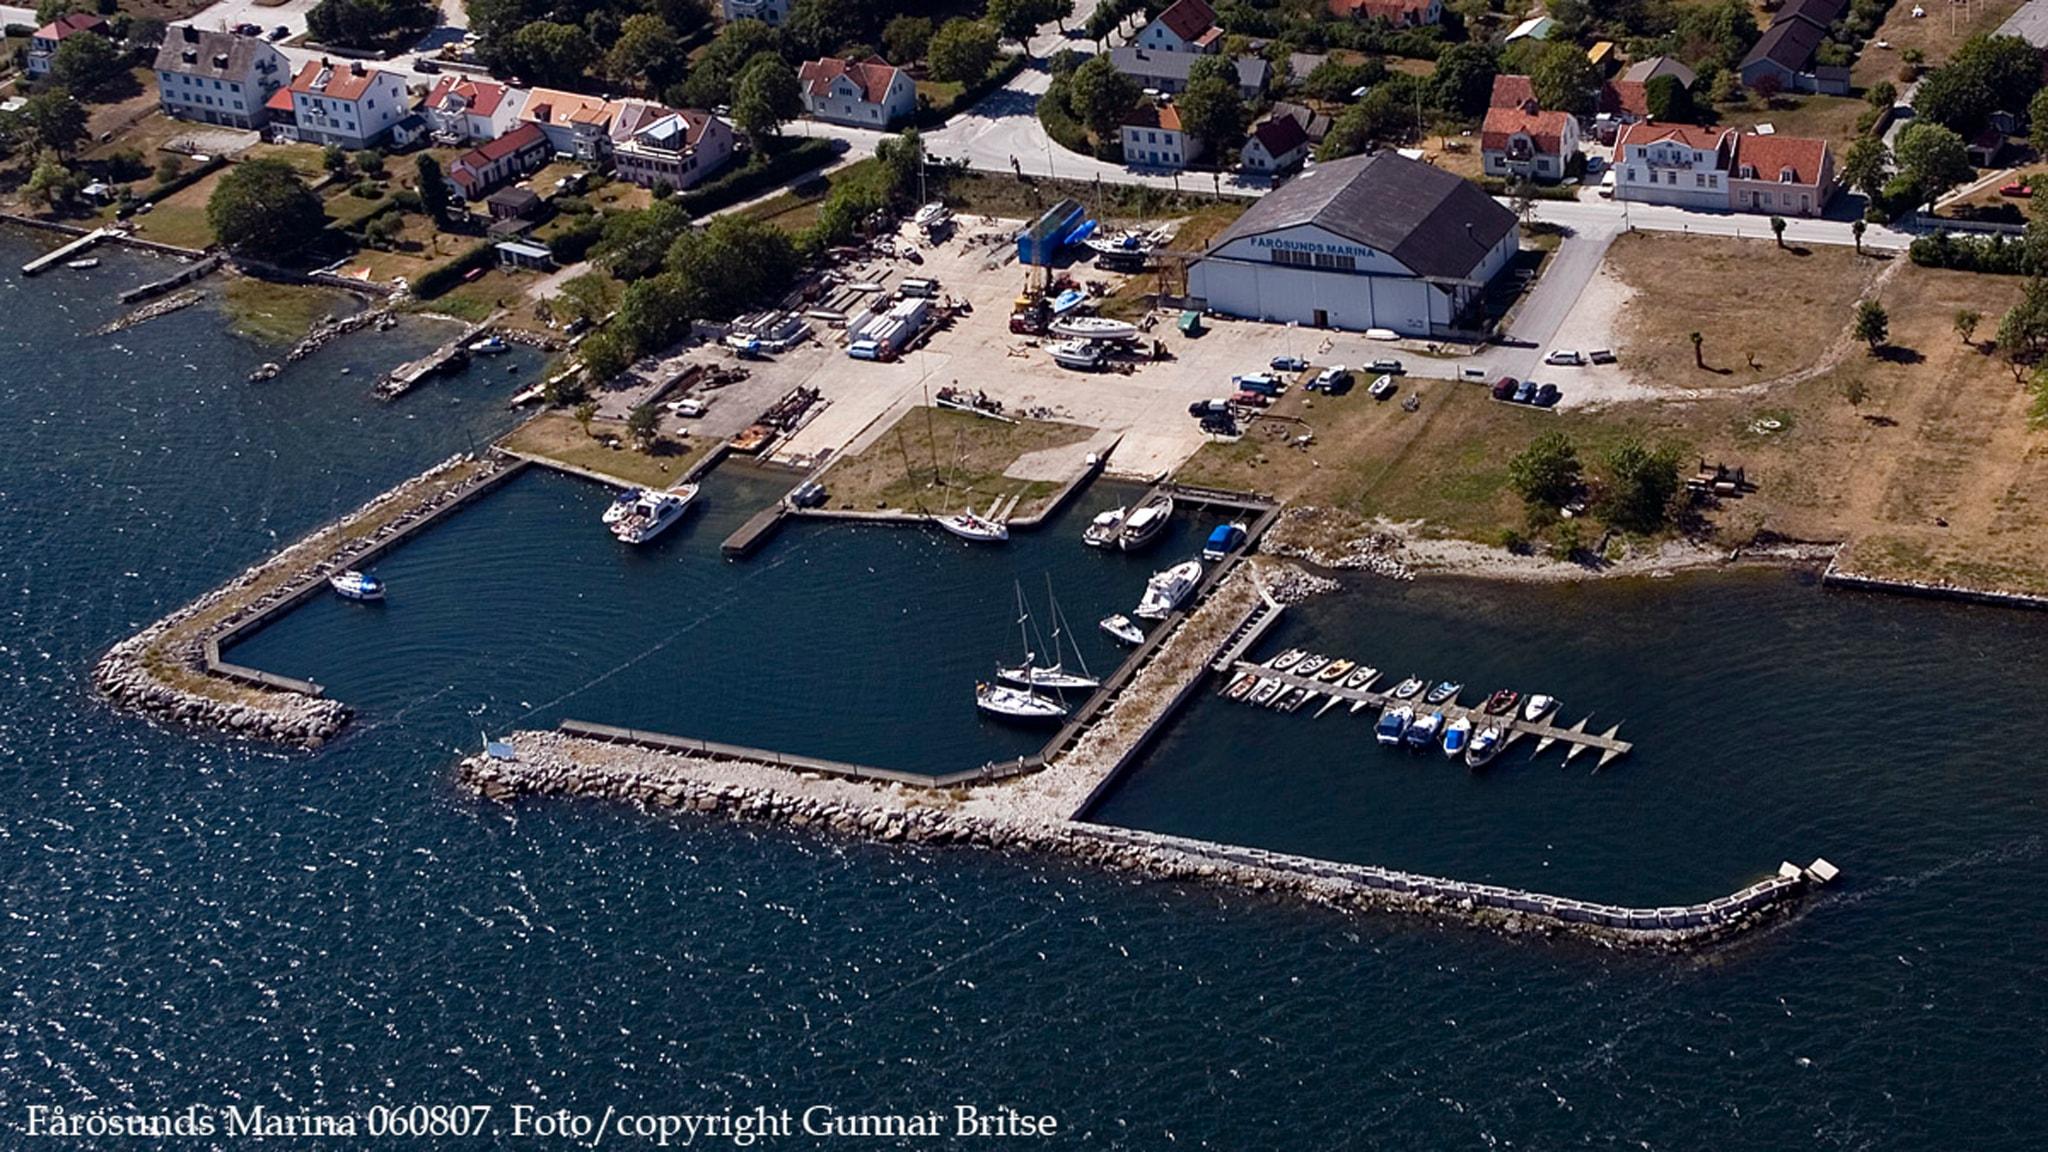 Förmiddag i P4 Gotland med